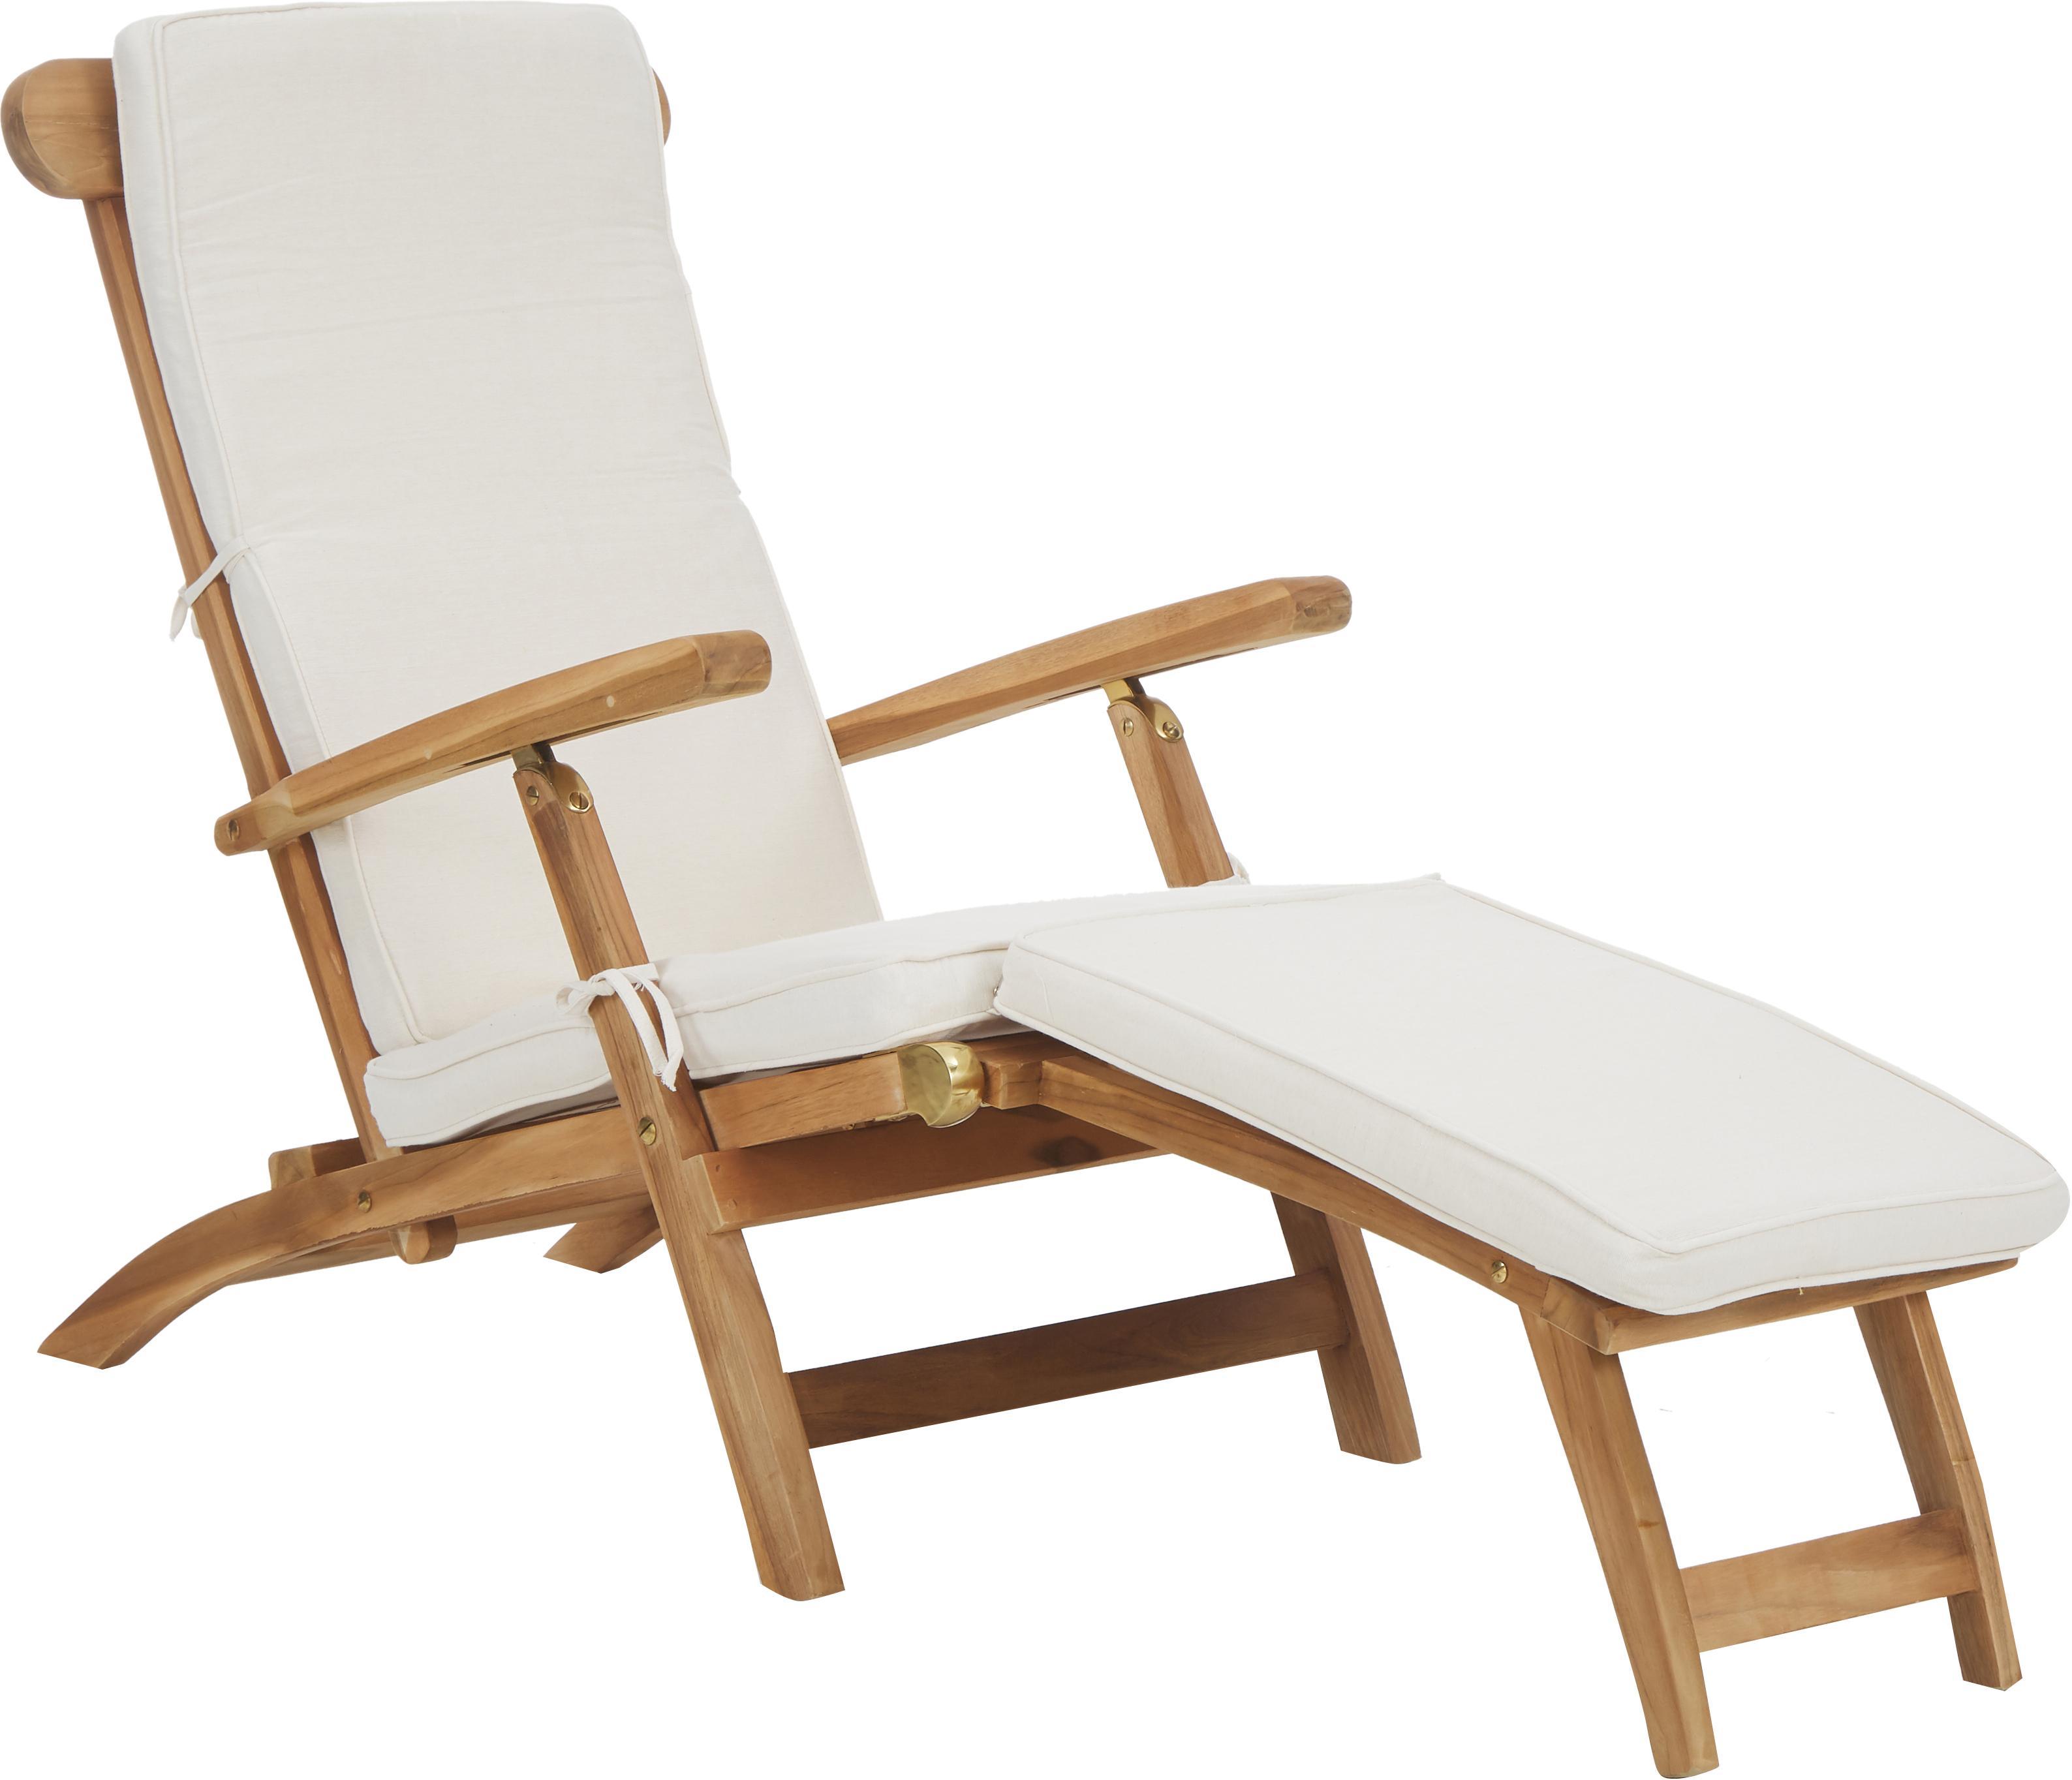 Tumbona de madera y algodón Arrecife, Tapizado: algodón, Teca, blanco crema, An 150 x Al 80 cm